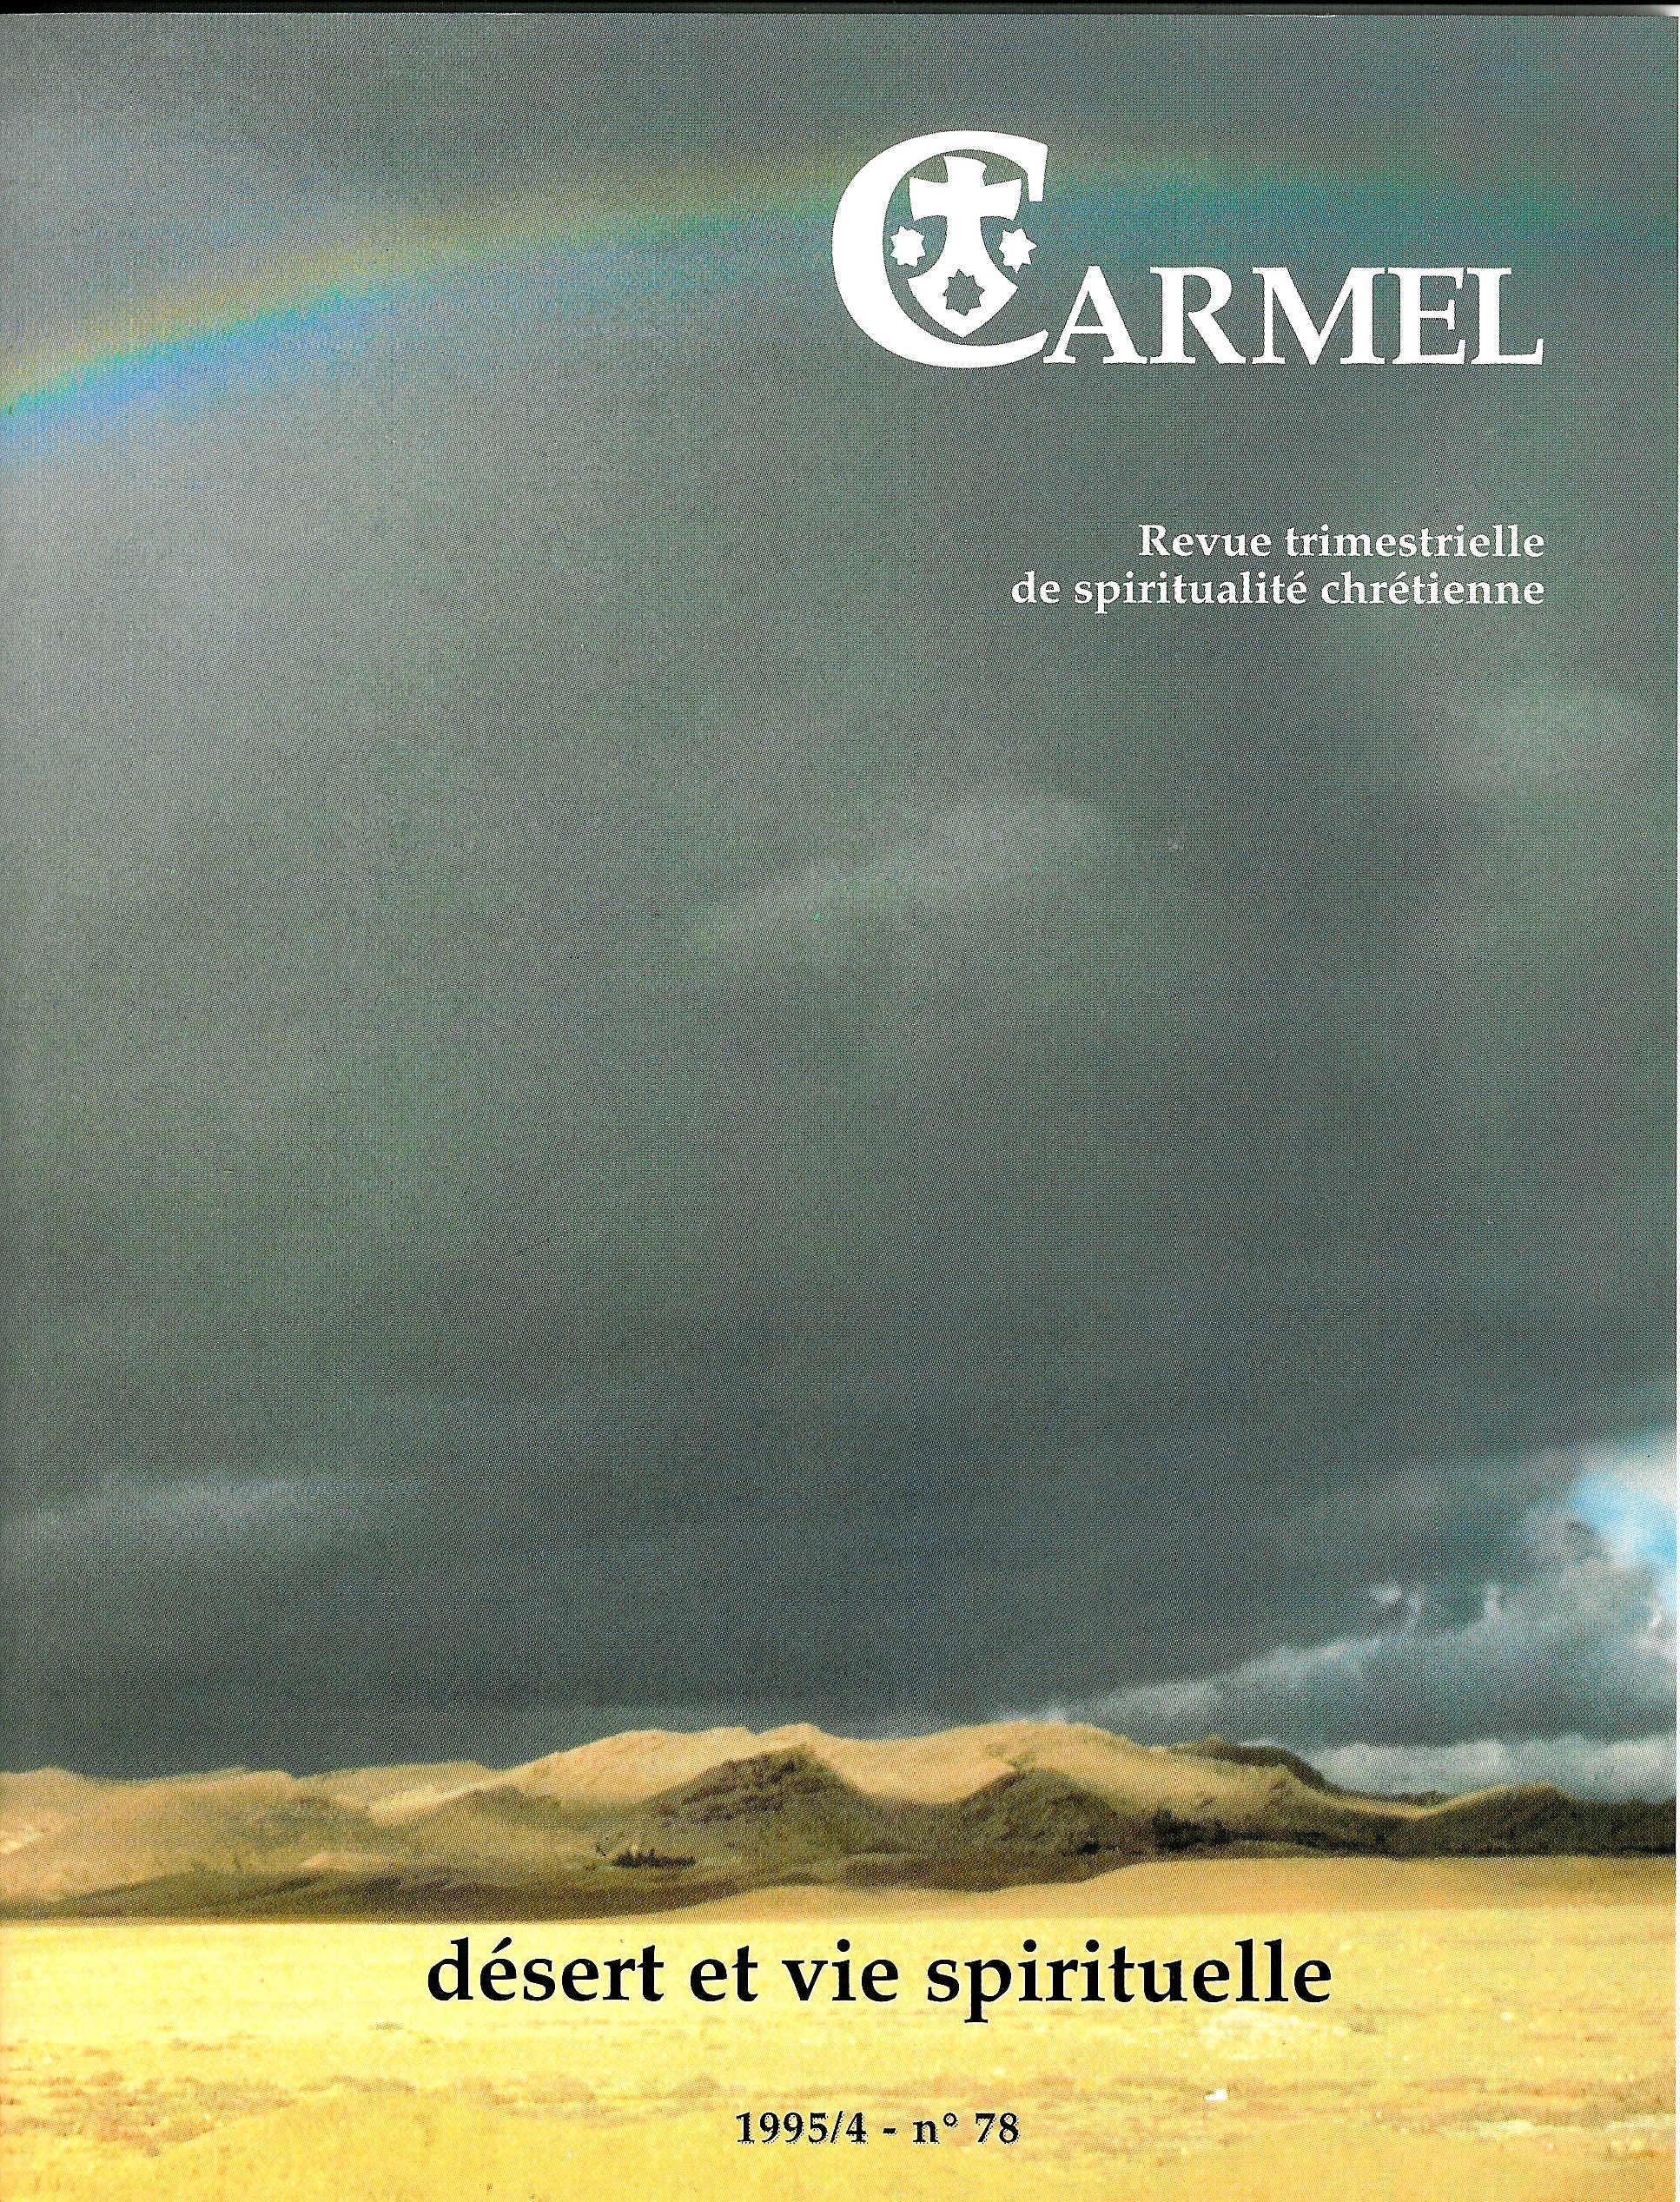 revue Carmel 1995